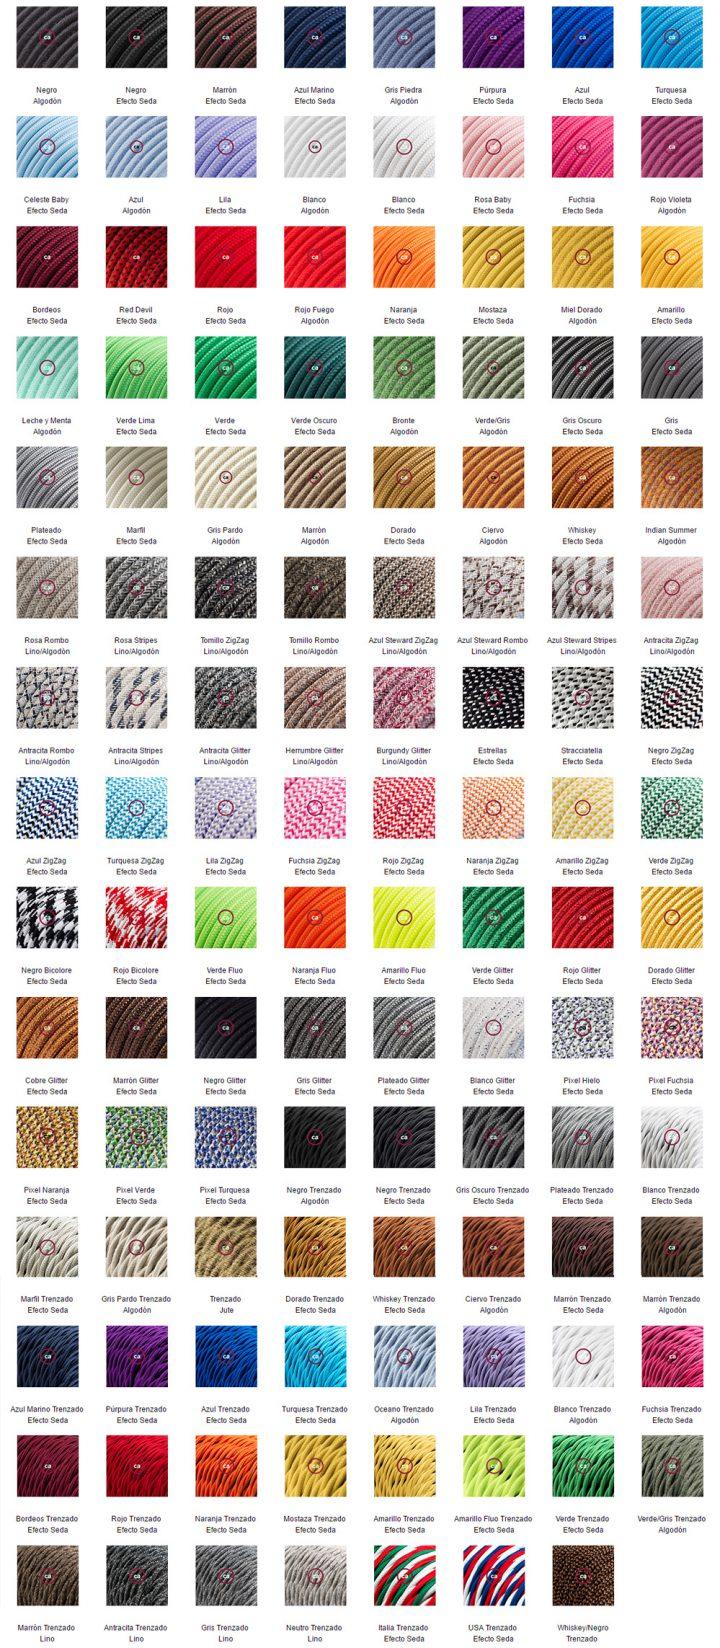 tiendas diseño iluminación productos diseño materiales iluminación diy deco cables lamparas diseño italiano diseño cables Creative Cables cables textiles cables estampados artículos iluminación accesorios hogar